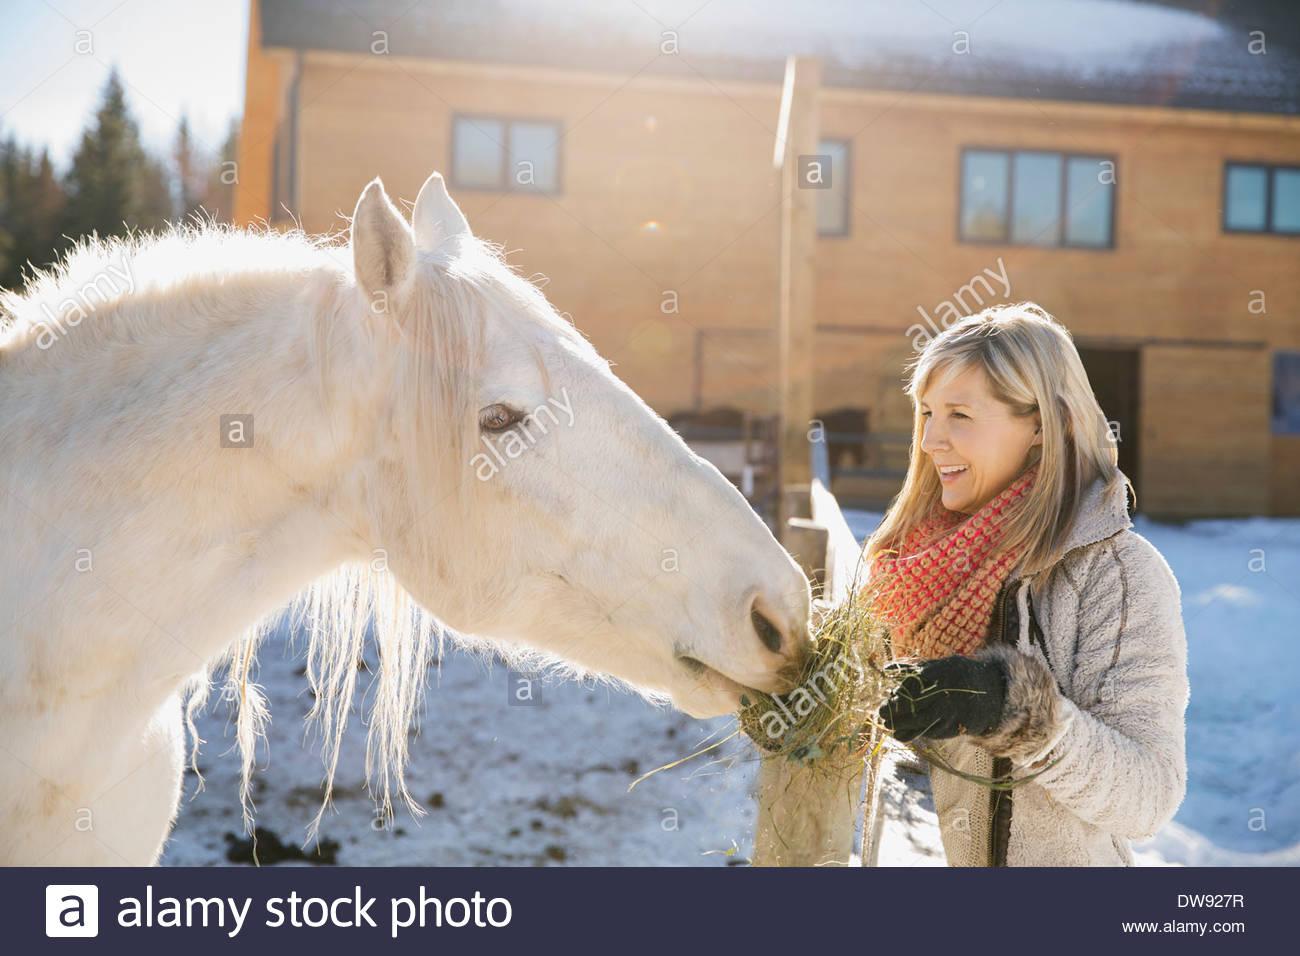 Mujer sonriente alimentar a caballo Imagen De Stock